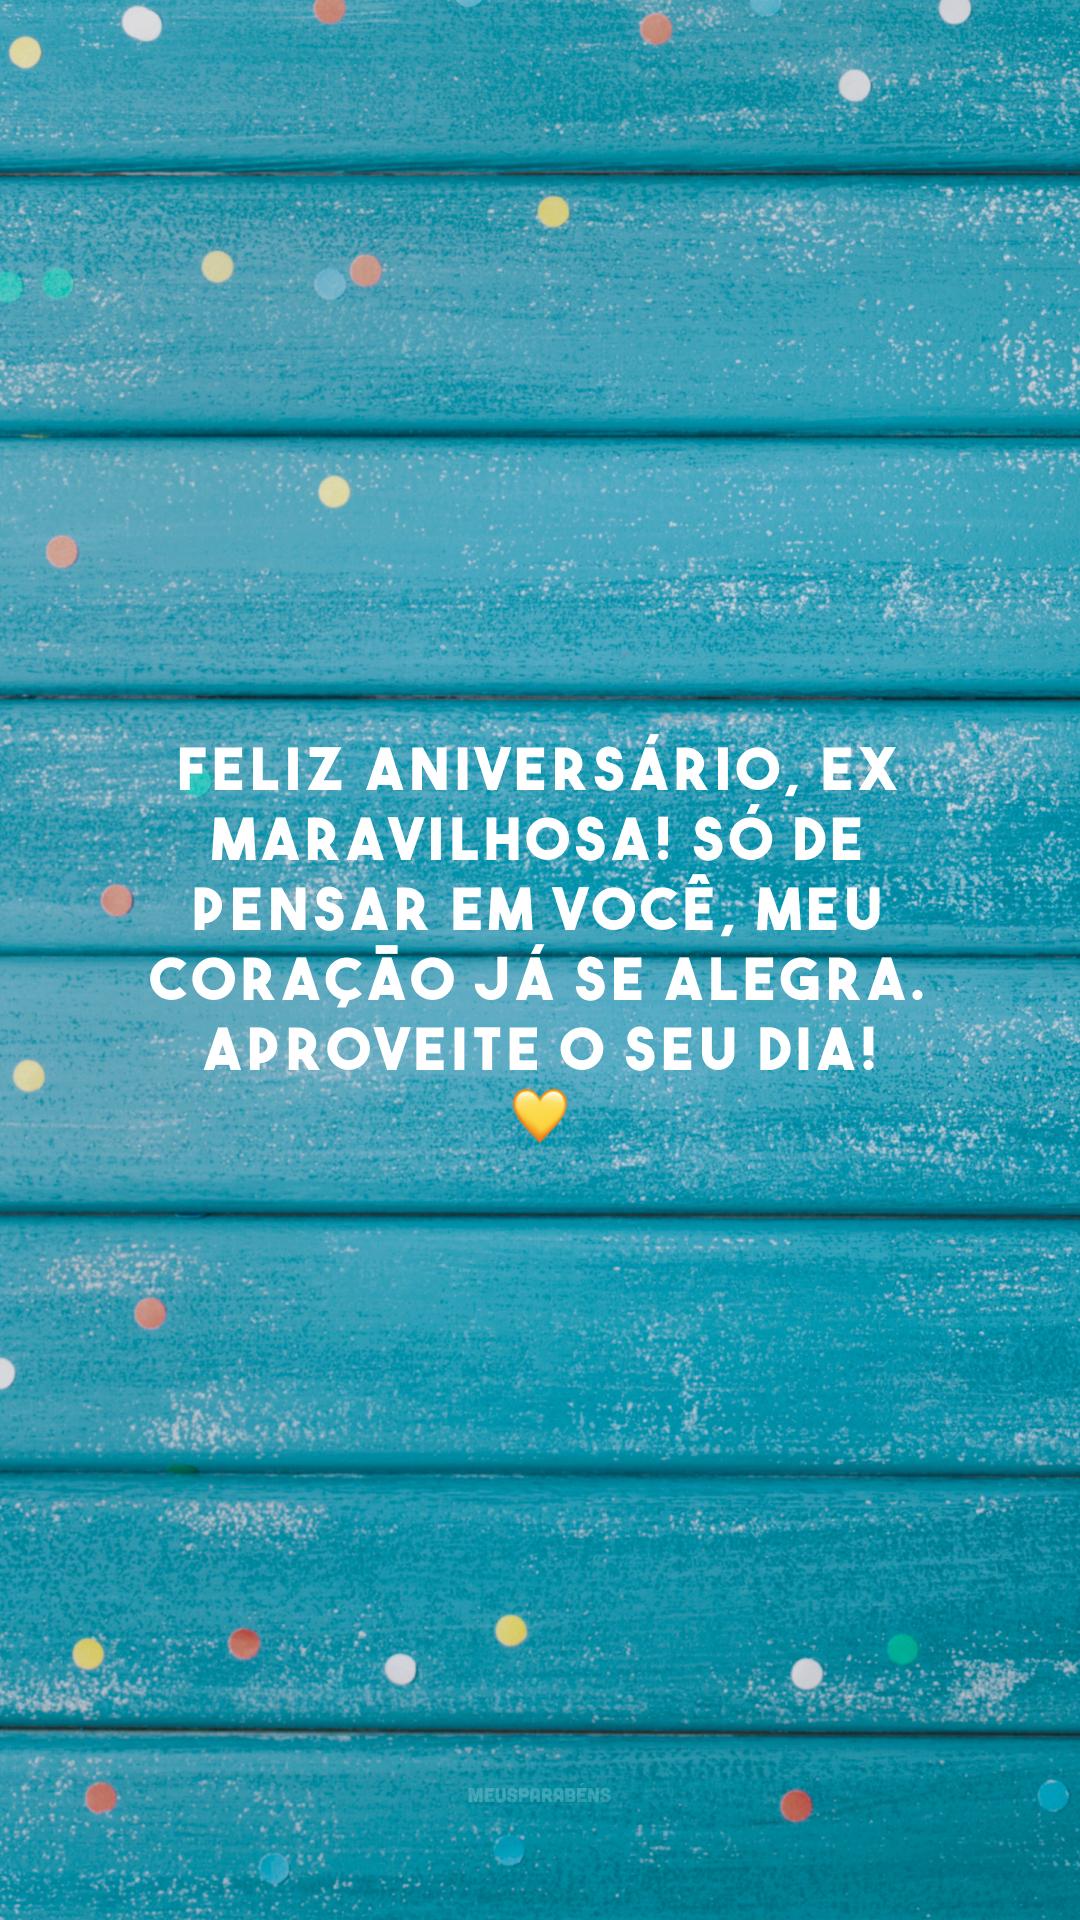 Feliz aniversário, ex maravilhosa! Só de pensar em você, meu coração já se alegra. Aproveite o seu dia! 💛